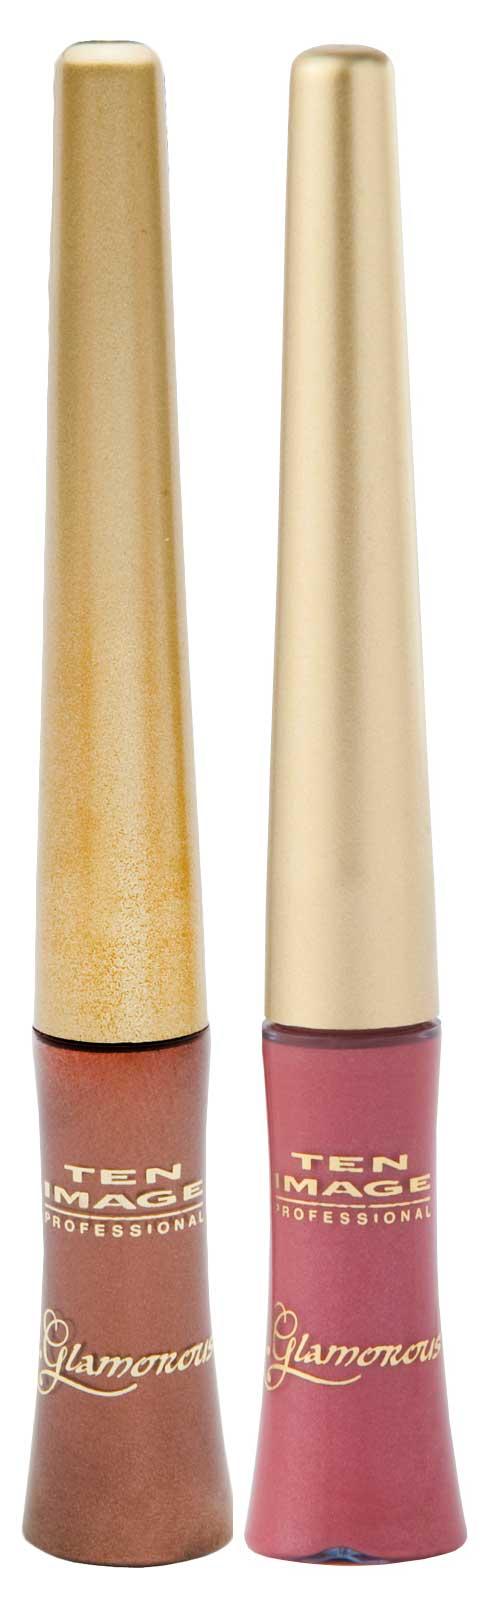 El labial de textura líquida y levemente cremosa,  tiene nombre propio, se llama Lipstick Long Lasting